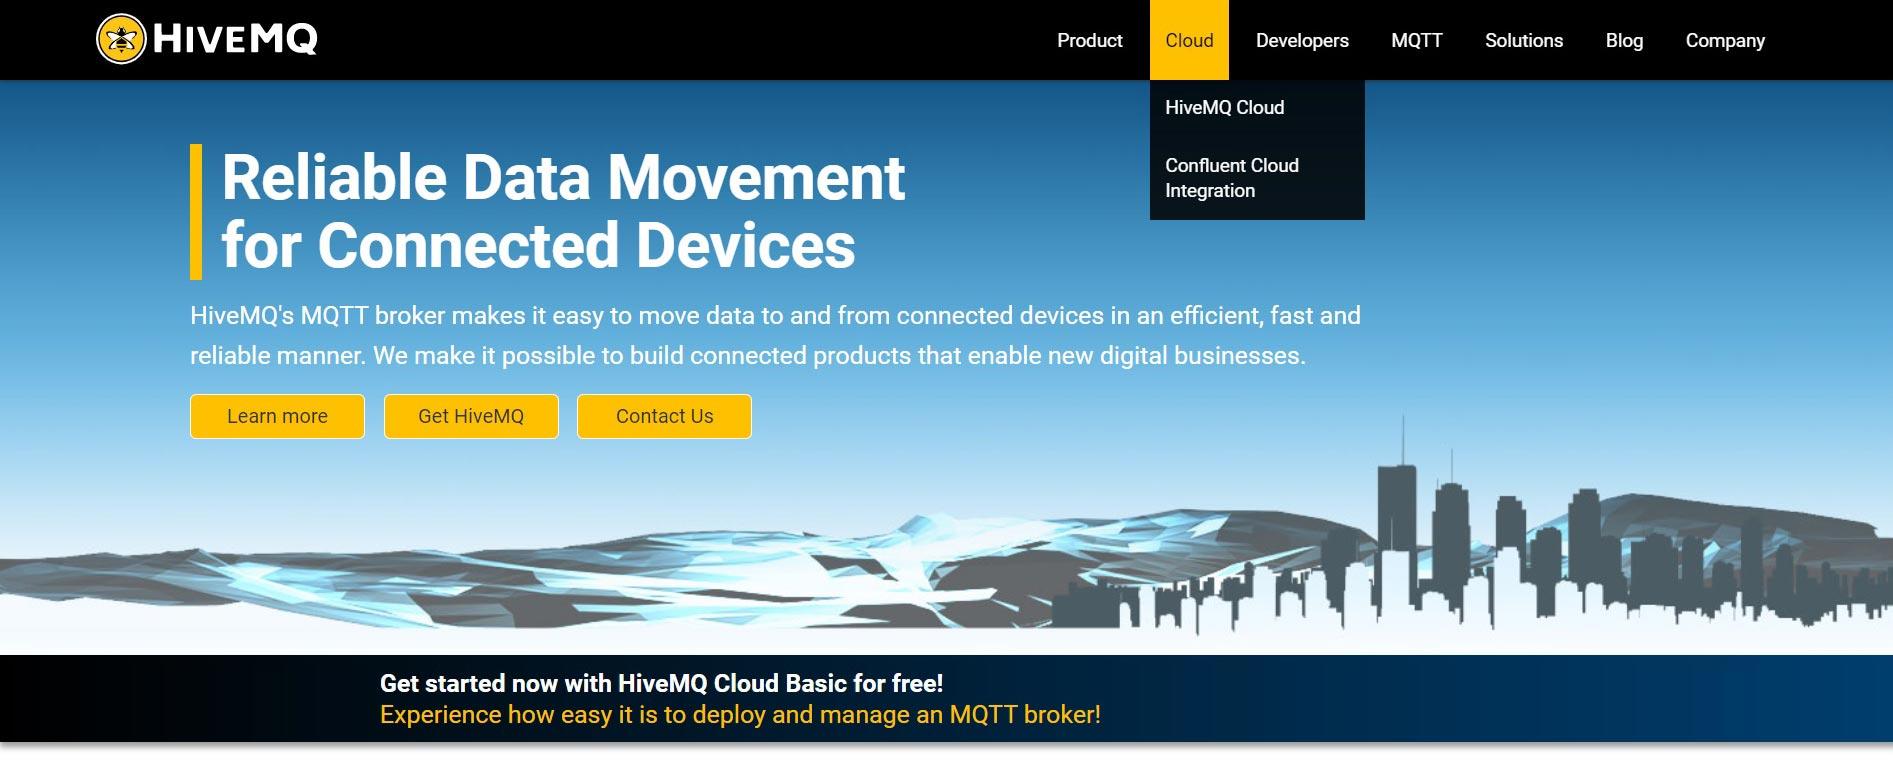 HiveMQ Homepage